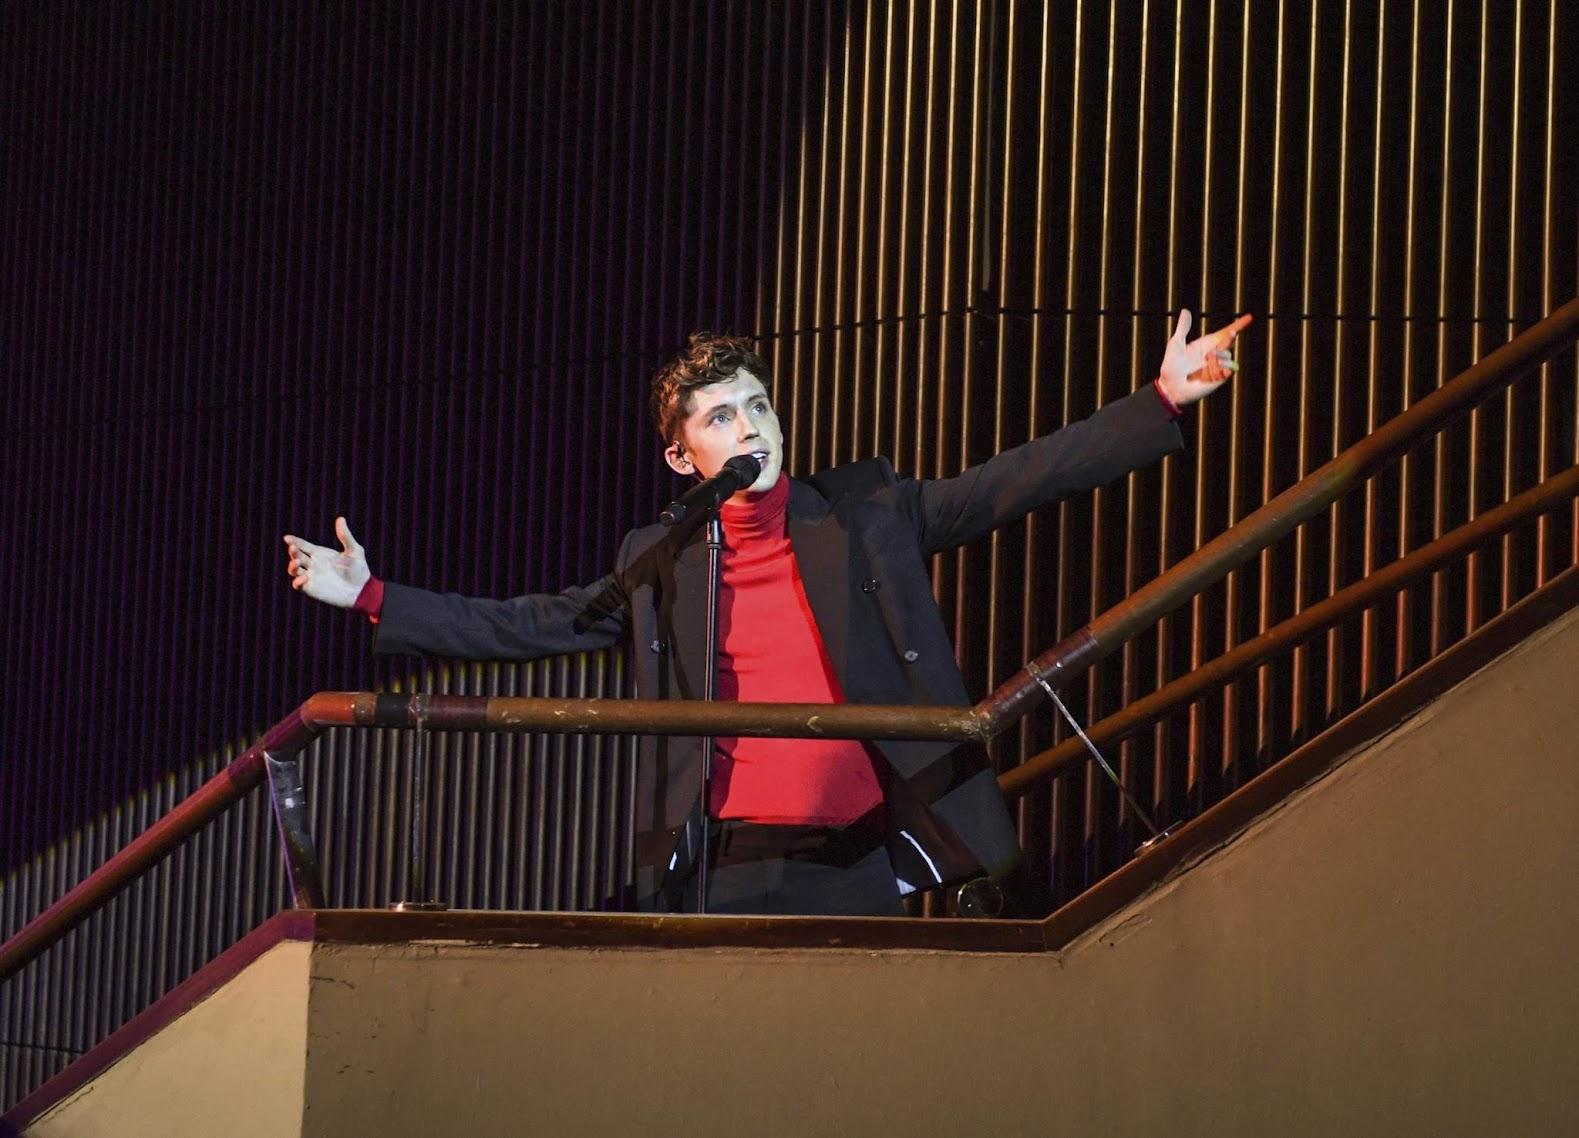 【迷迷現場】新世代LGBT代表人物 特洛伊 Troye Sivan 台北首唱 讚台灣超美